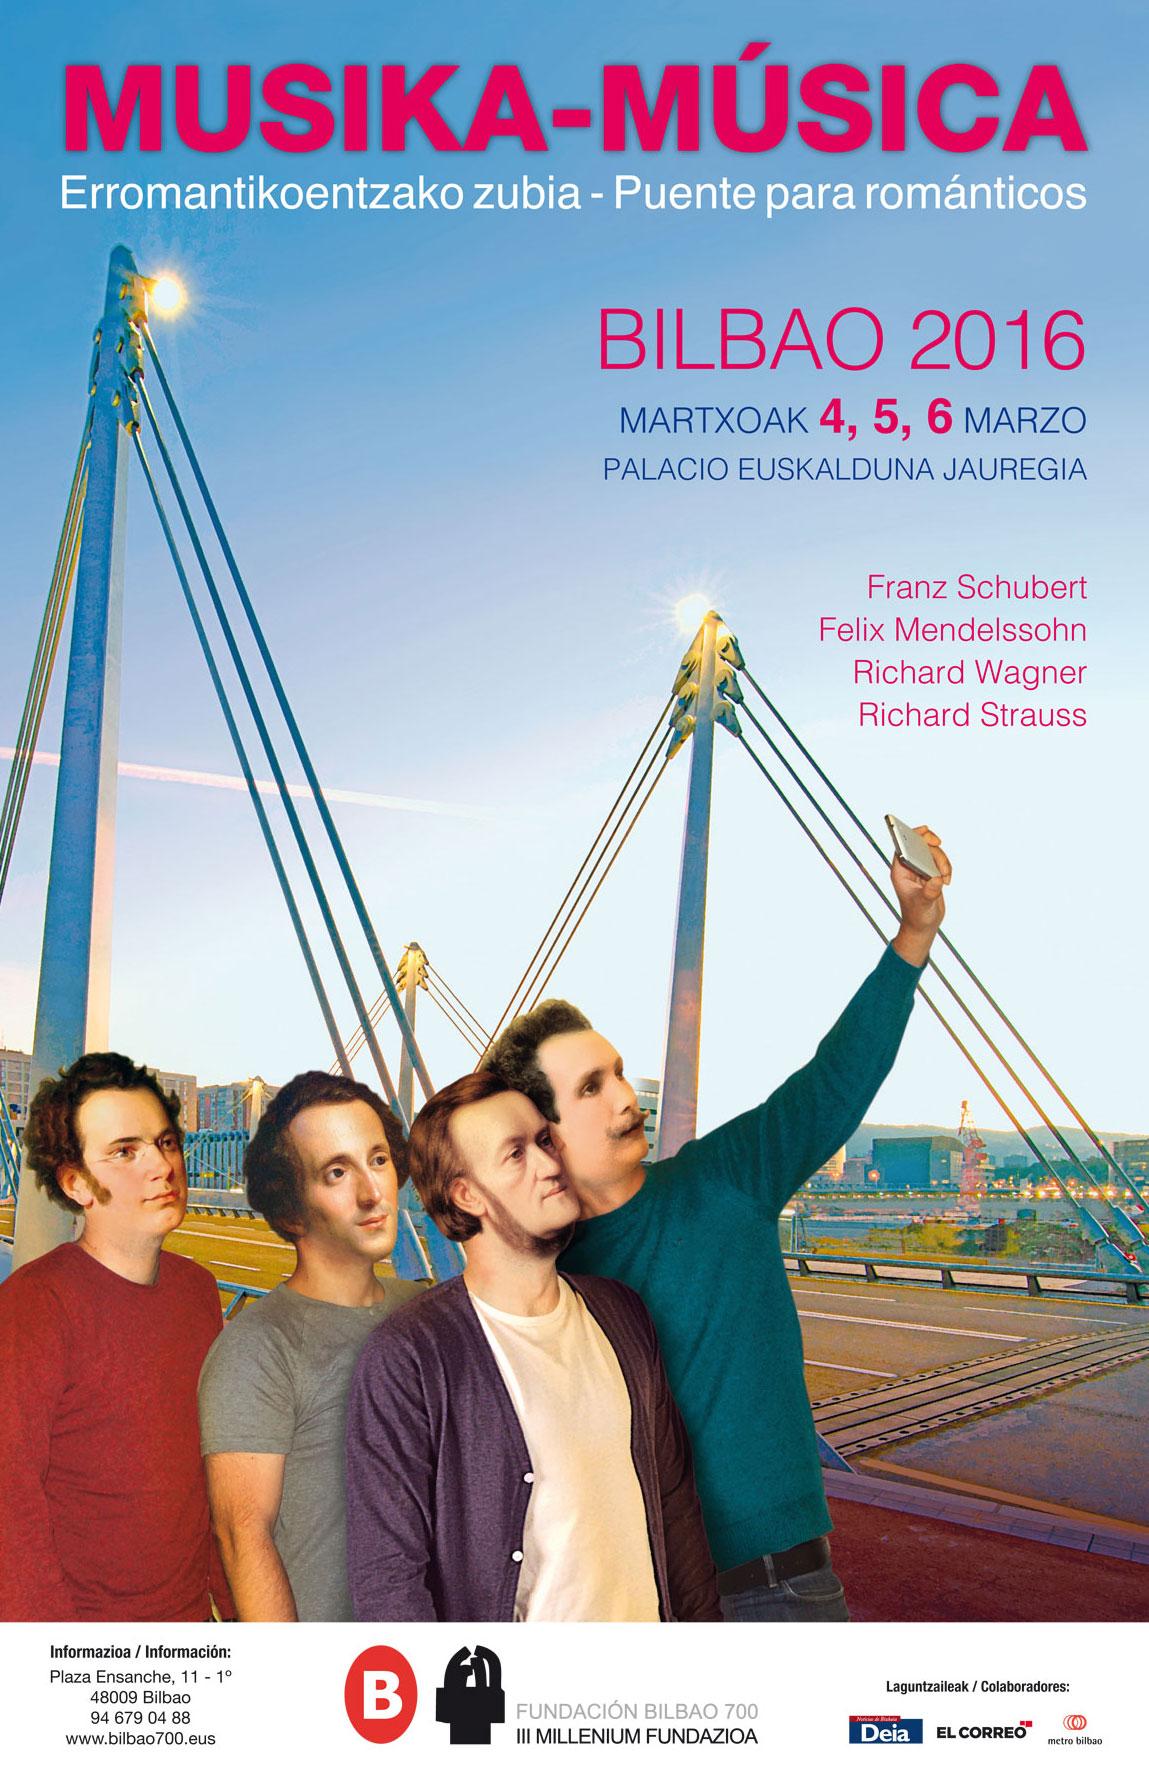 El conservatorio en musika musica 2016 conservatorio - Conservatorio musica bilbao ...